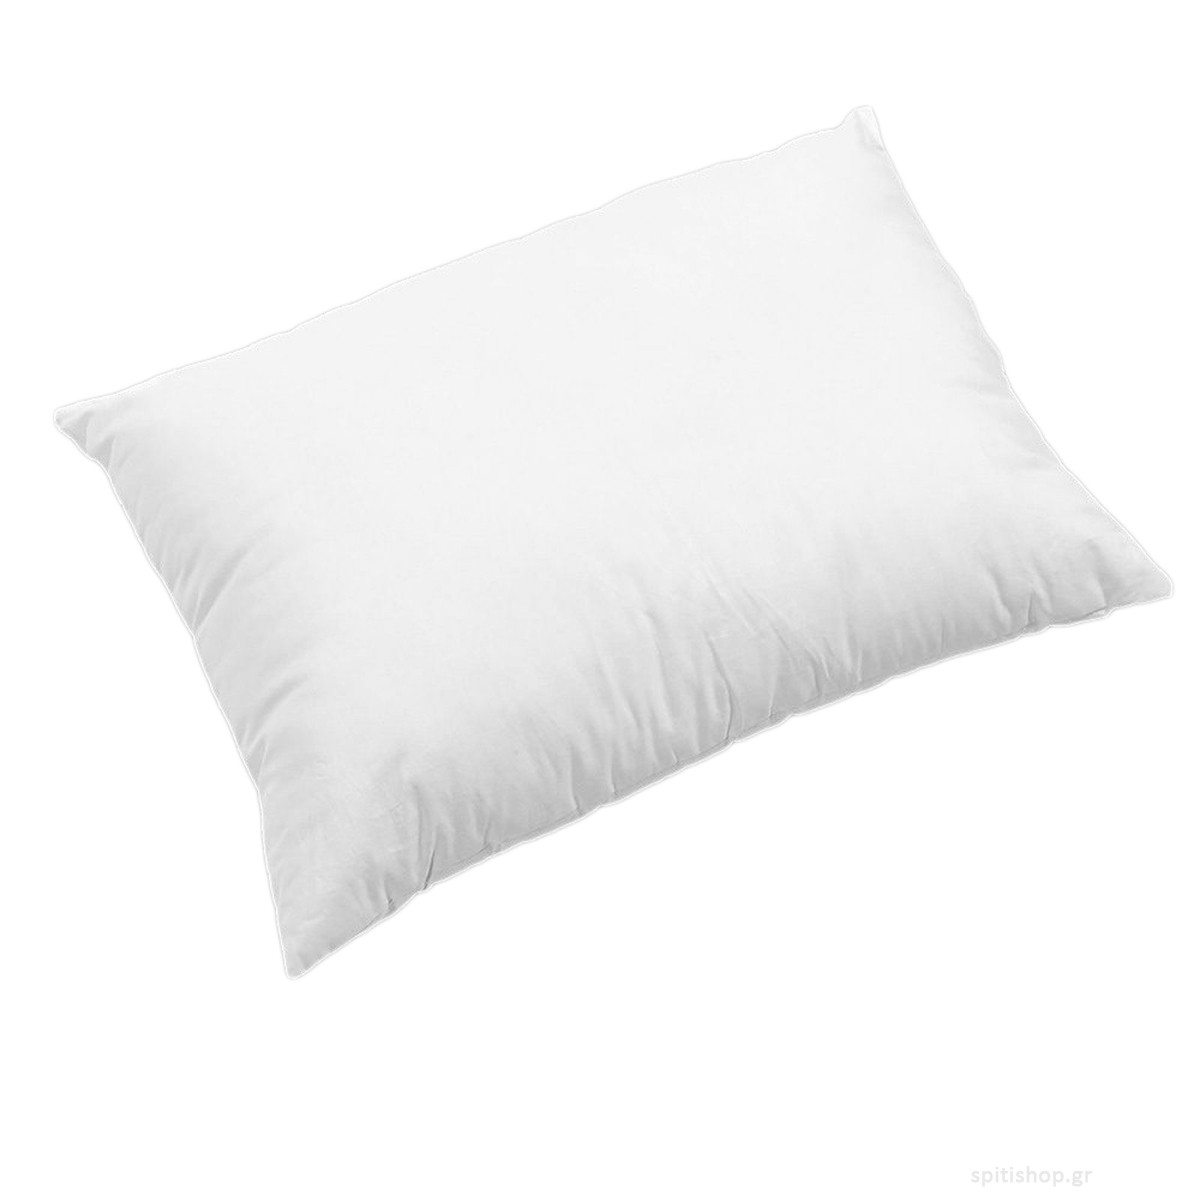 Μαξιλάρι Ύπνου (50×70) Kentia Accessories Comfort Pillow